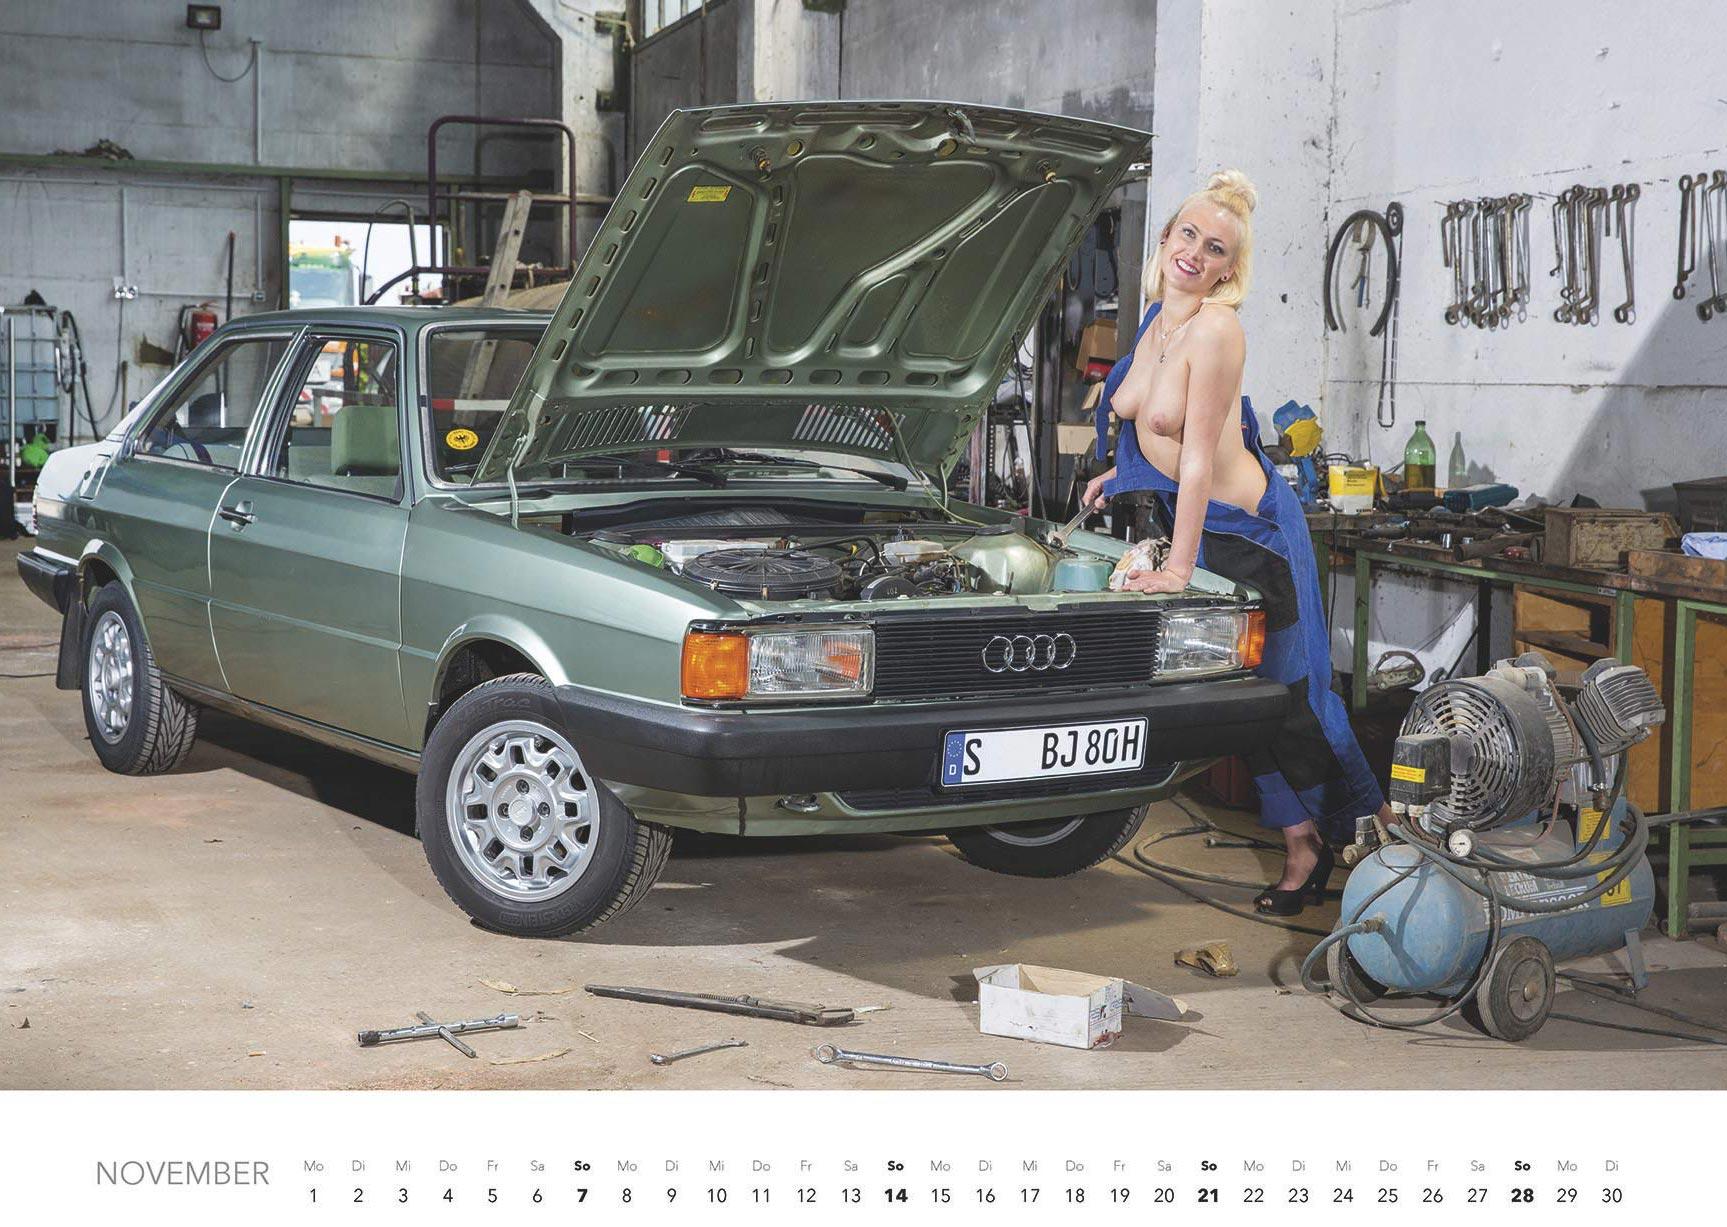 Эротический авто-календарь -Отвертка мечты 2021- / ноябрь